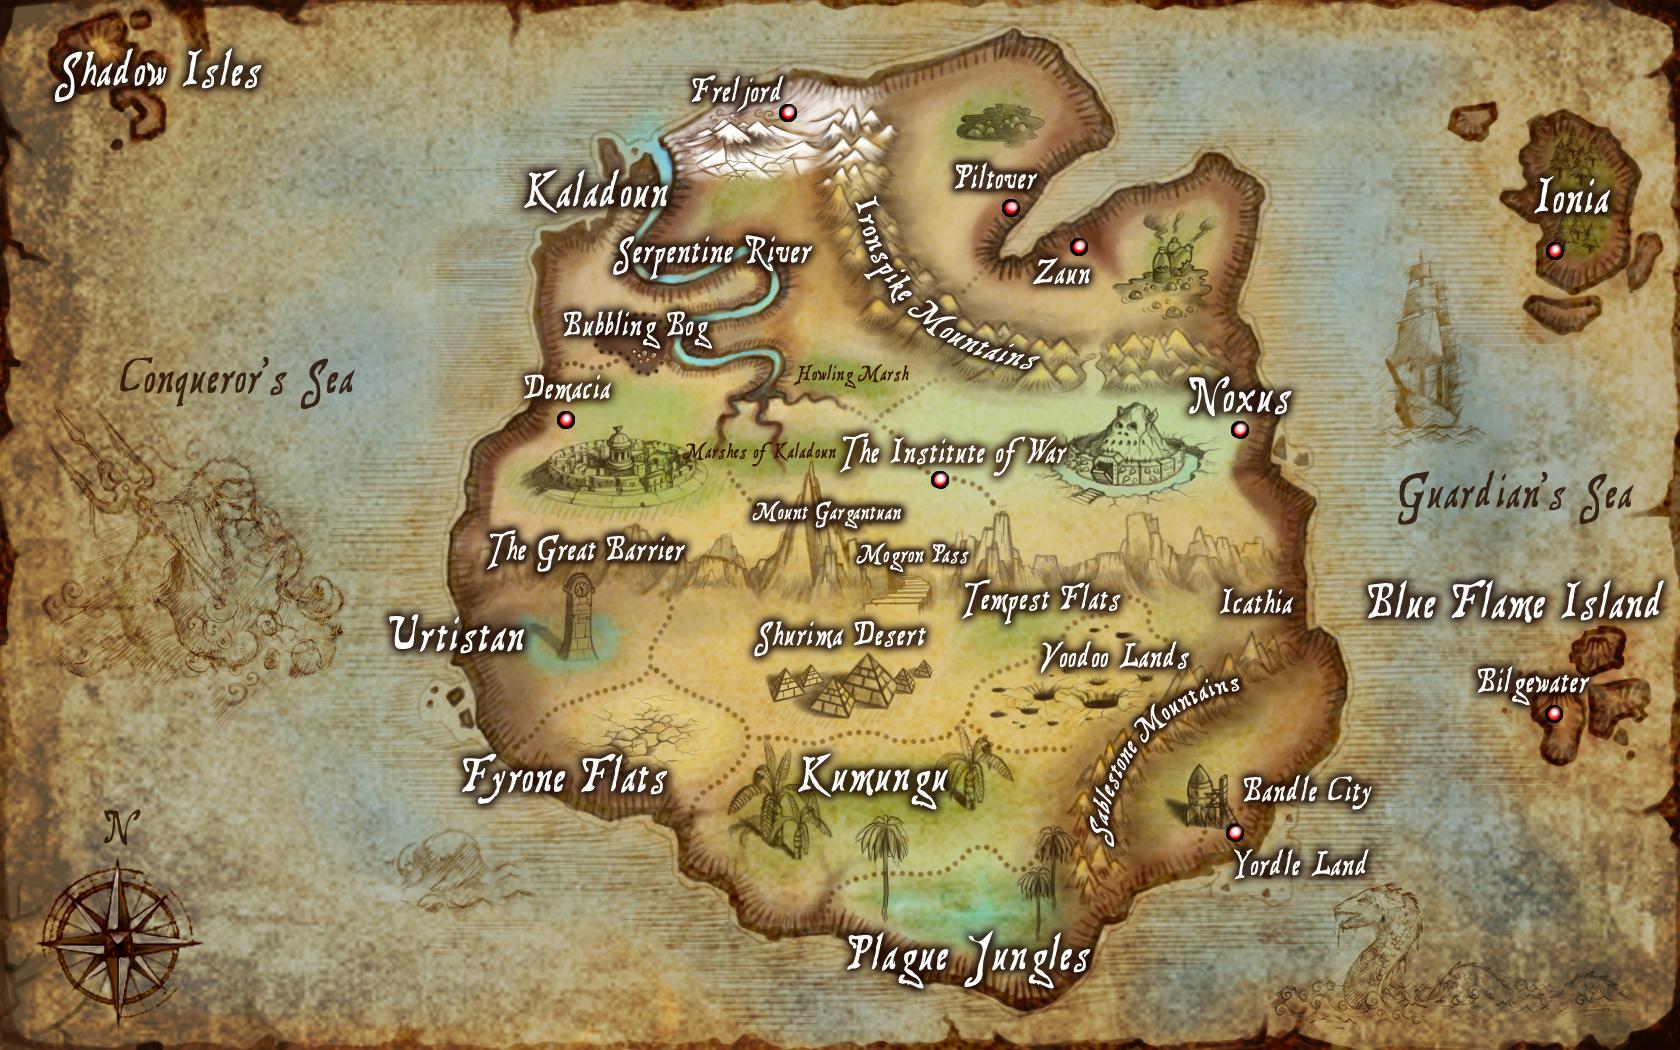 Field of Justice | League of Legends Wiki | FANDOM powered ...